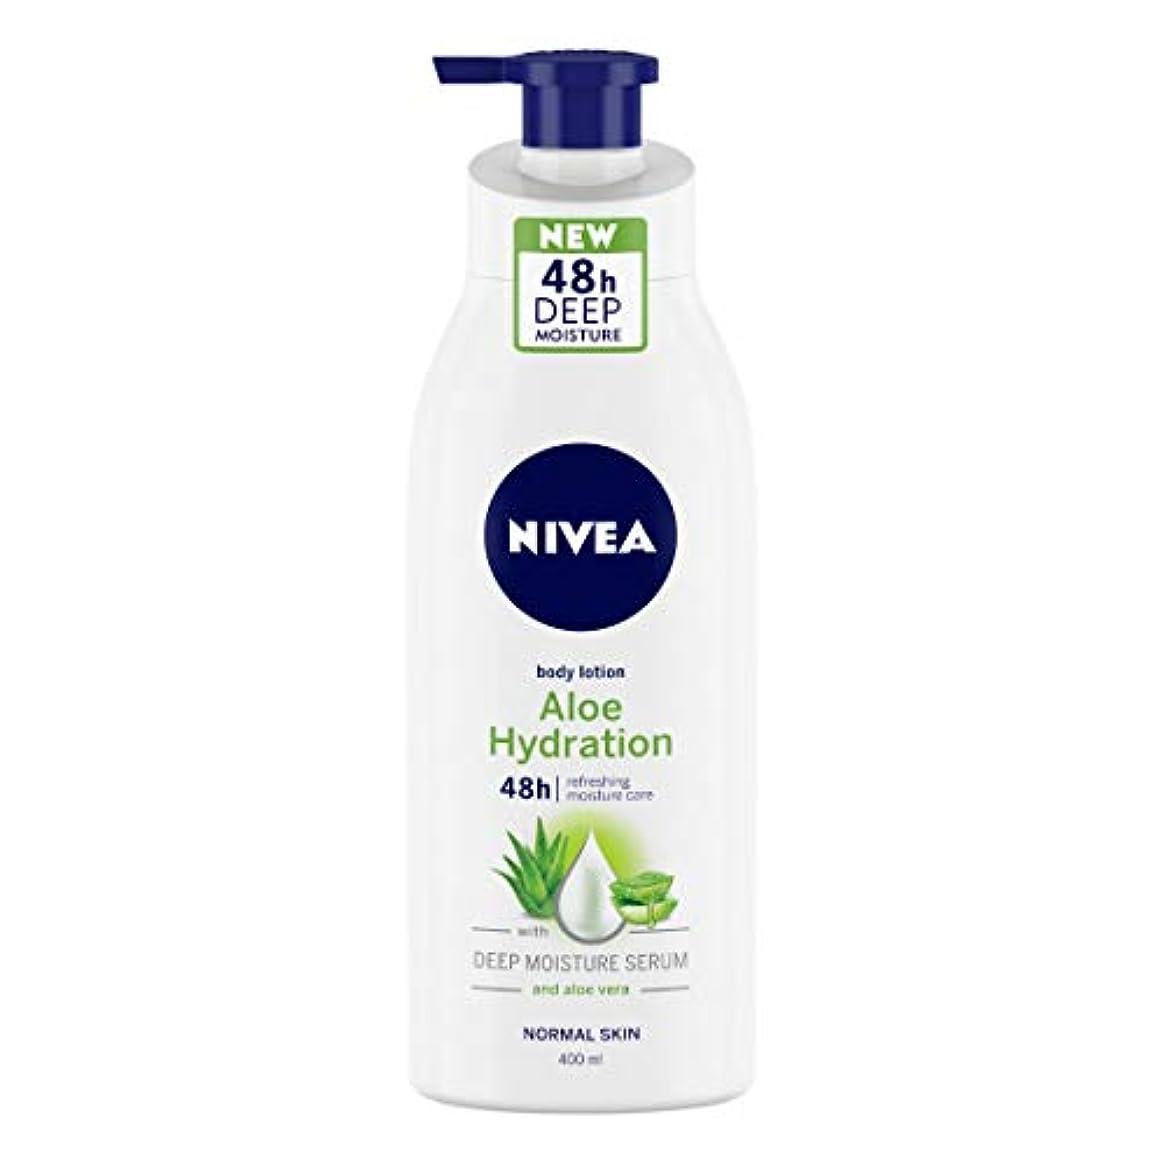 自然みがきます頬骨NIVEA Aloe Hydration Body Lotion, 400ml, with deep moisture serum and aloe vera for normal skin